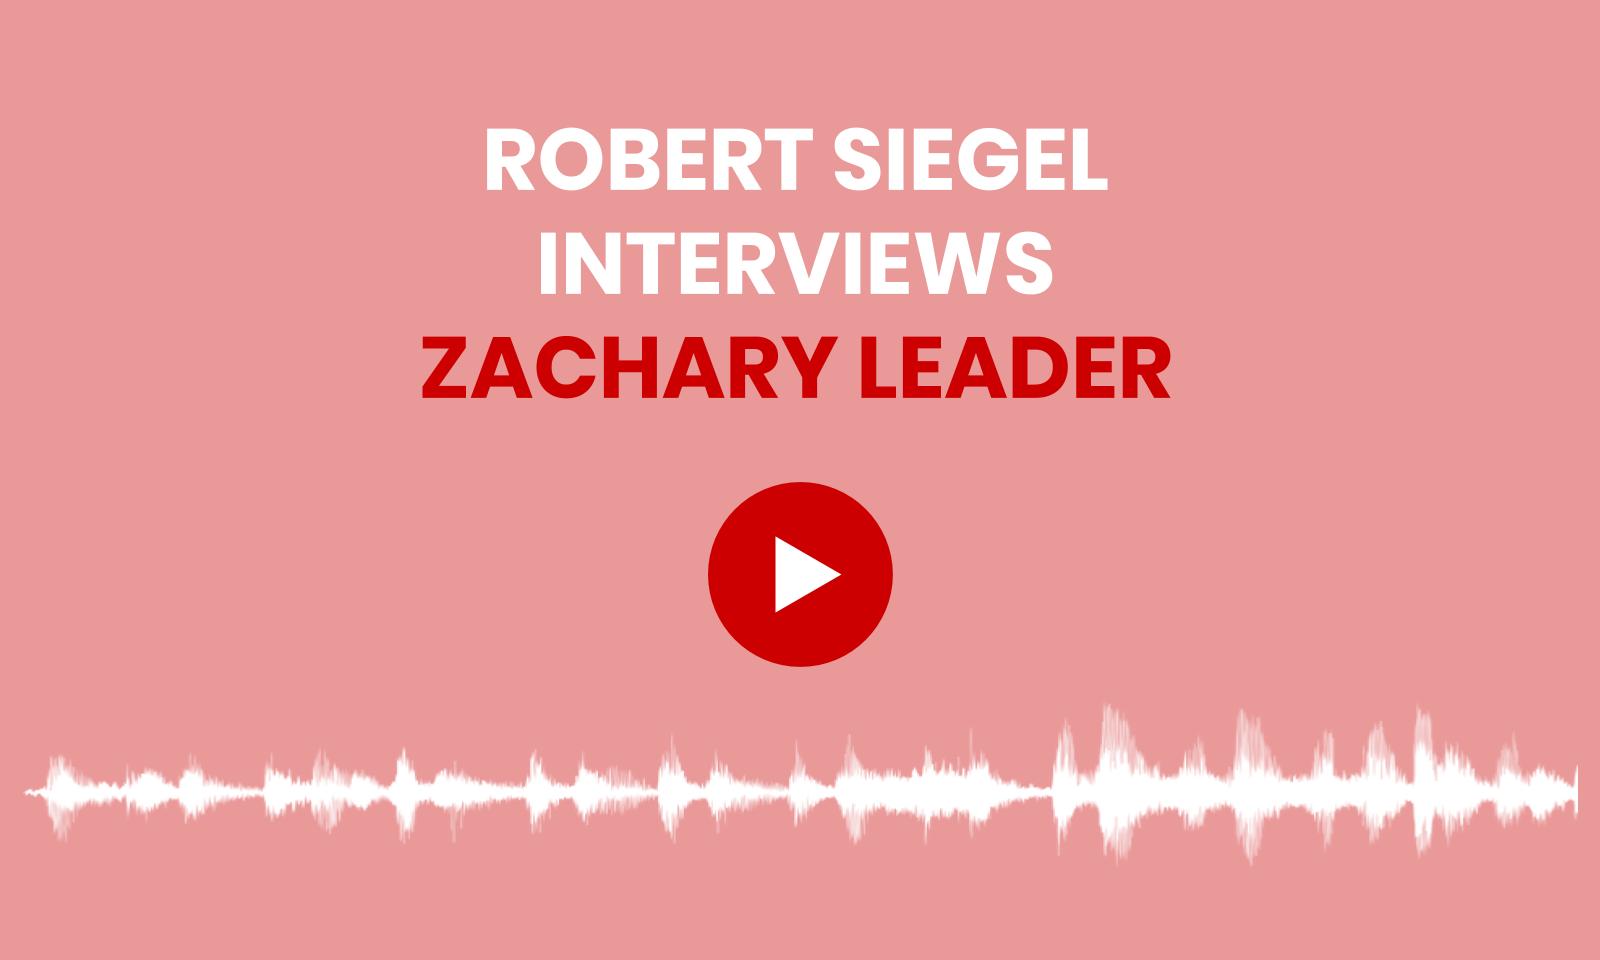 Robert Siegel interviews Zachary Leader